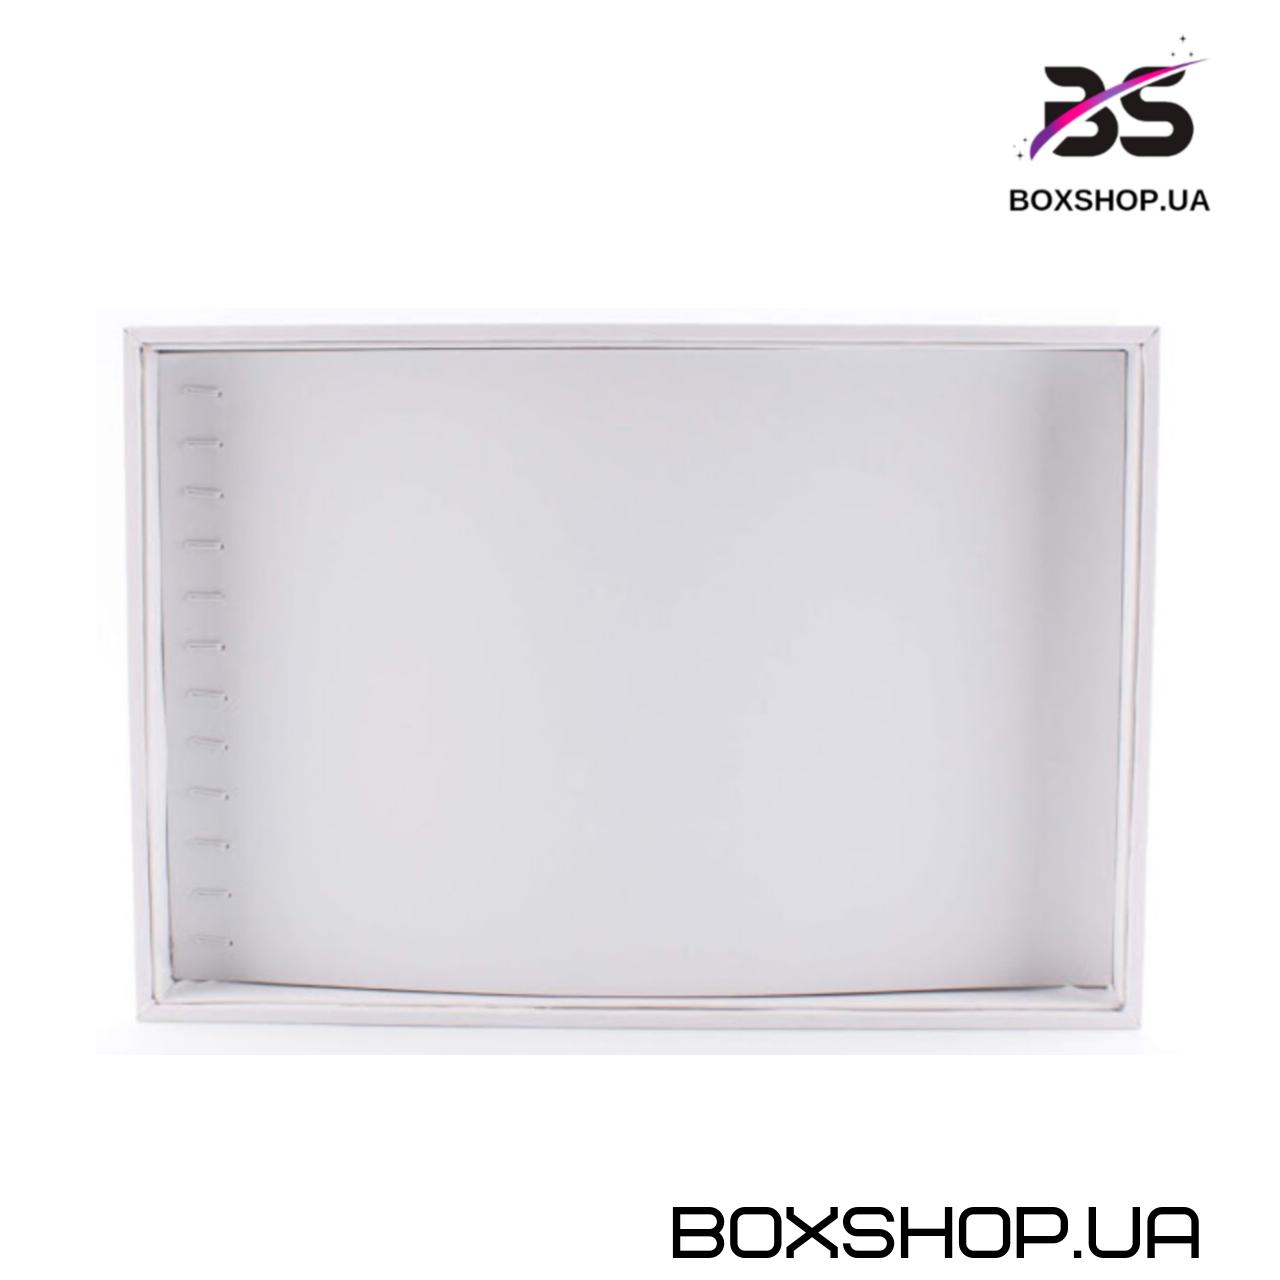 Ювелирный планшет BOXSHOP - 1021840389